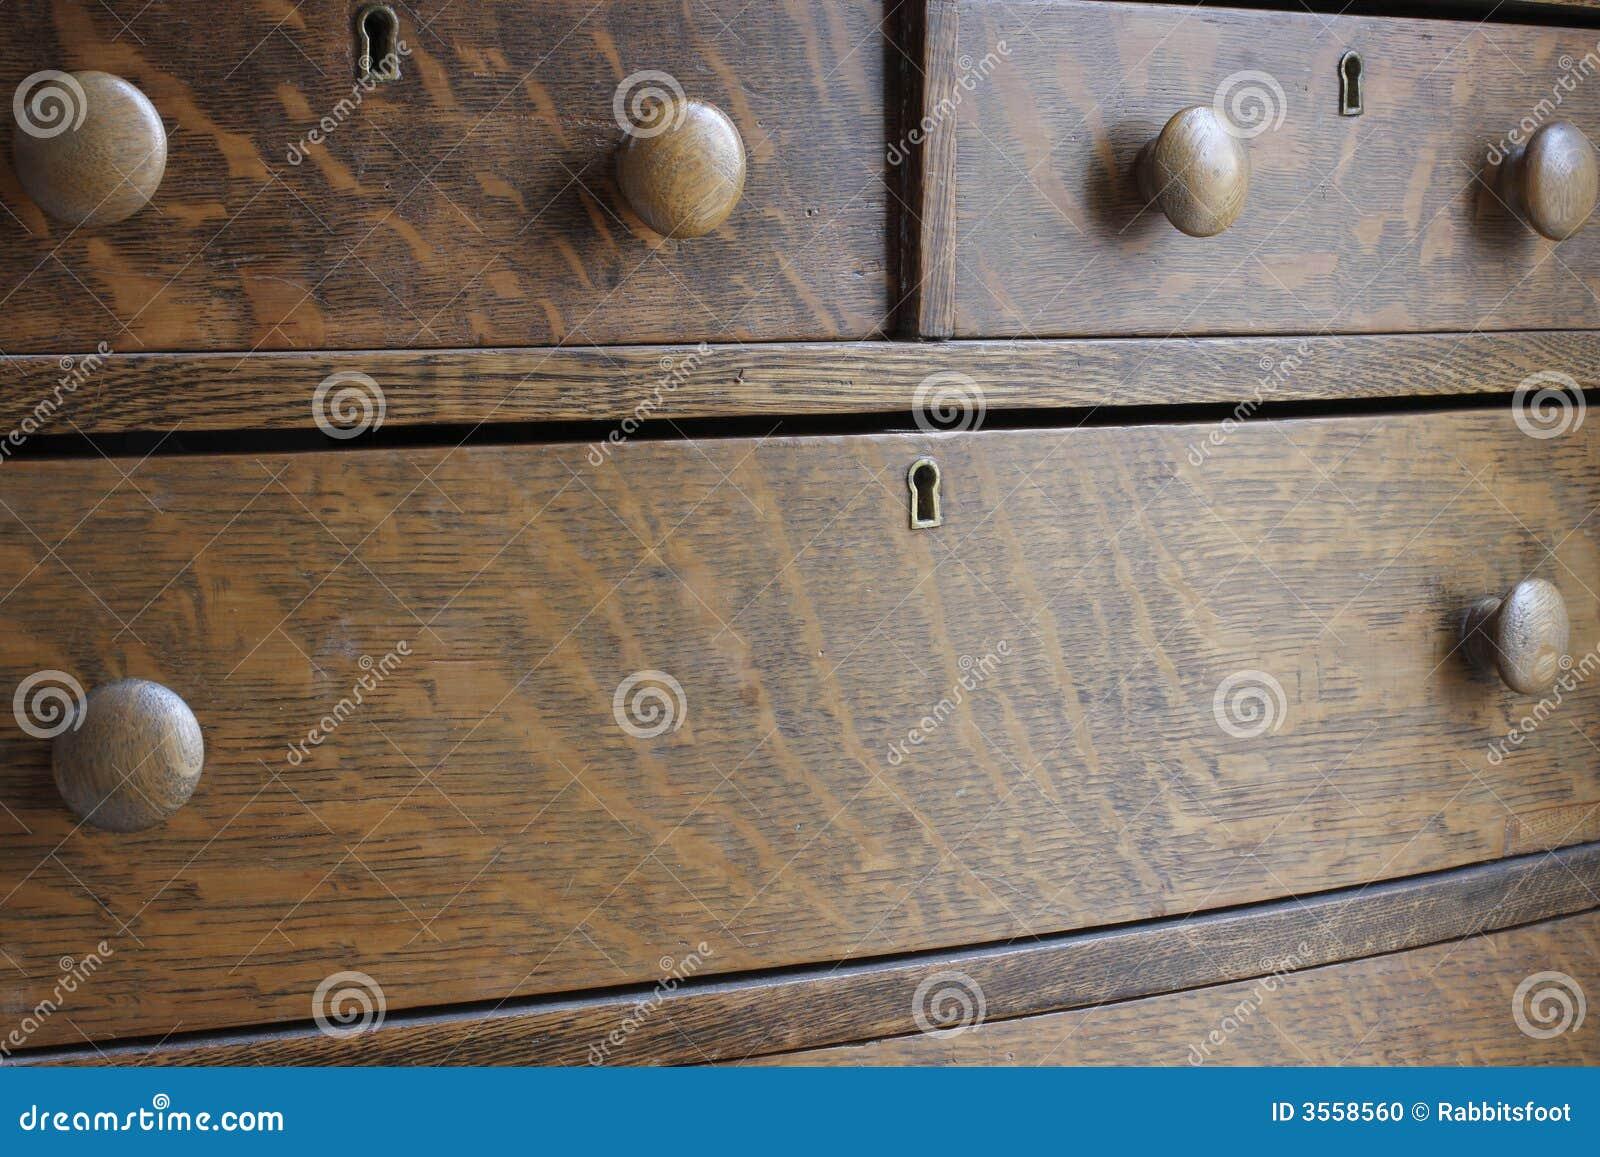 up da grão de madeira e textura de uma caixa de gavetas de madeira  #82A328 1300x957